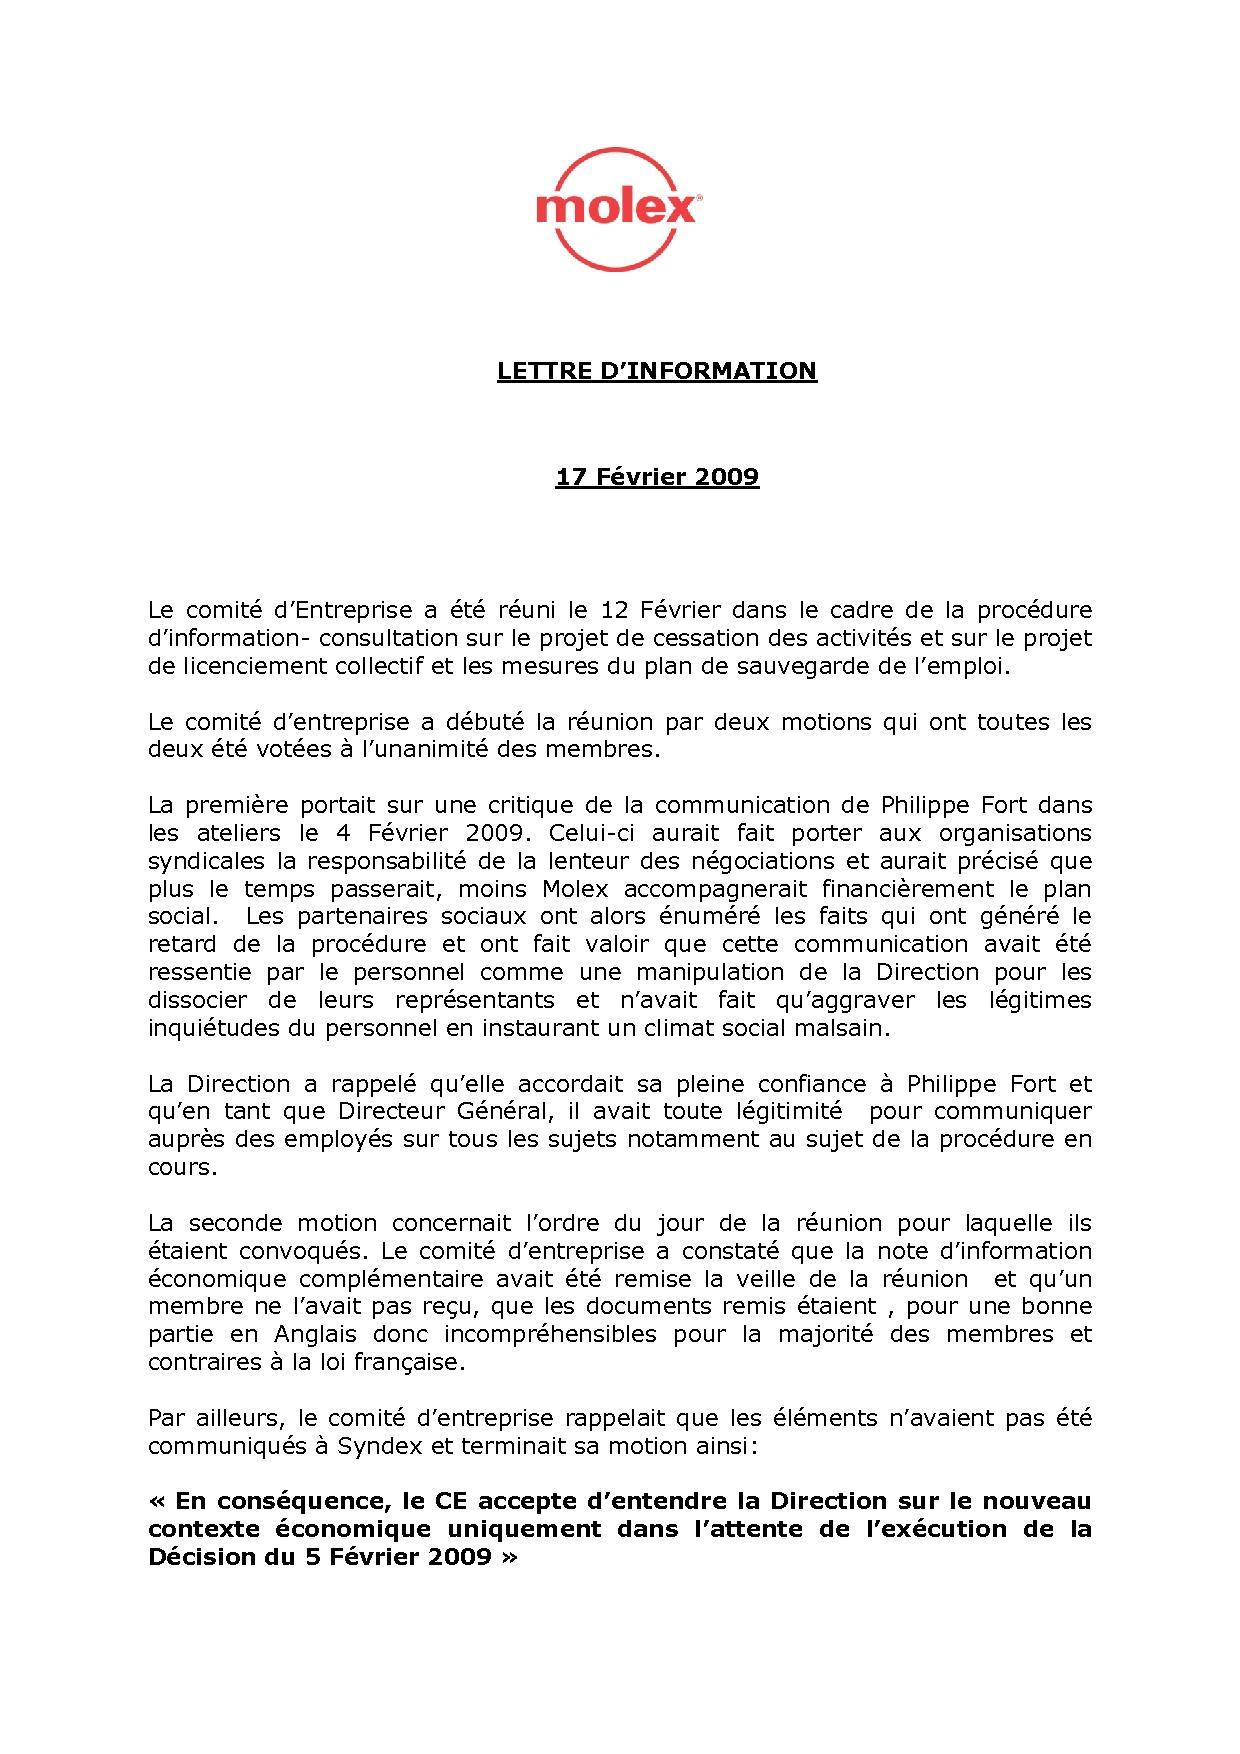 lettreinformation1702091.jpg